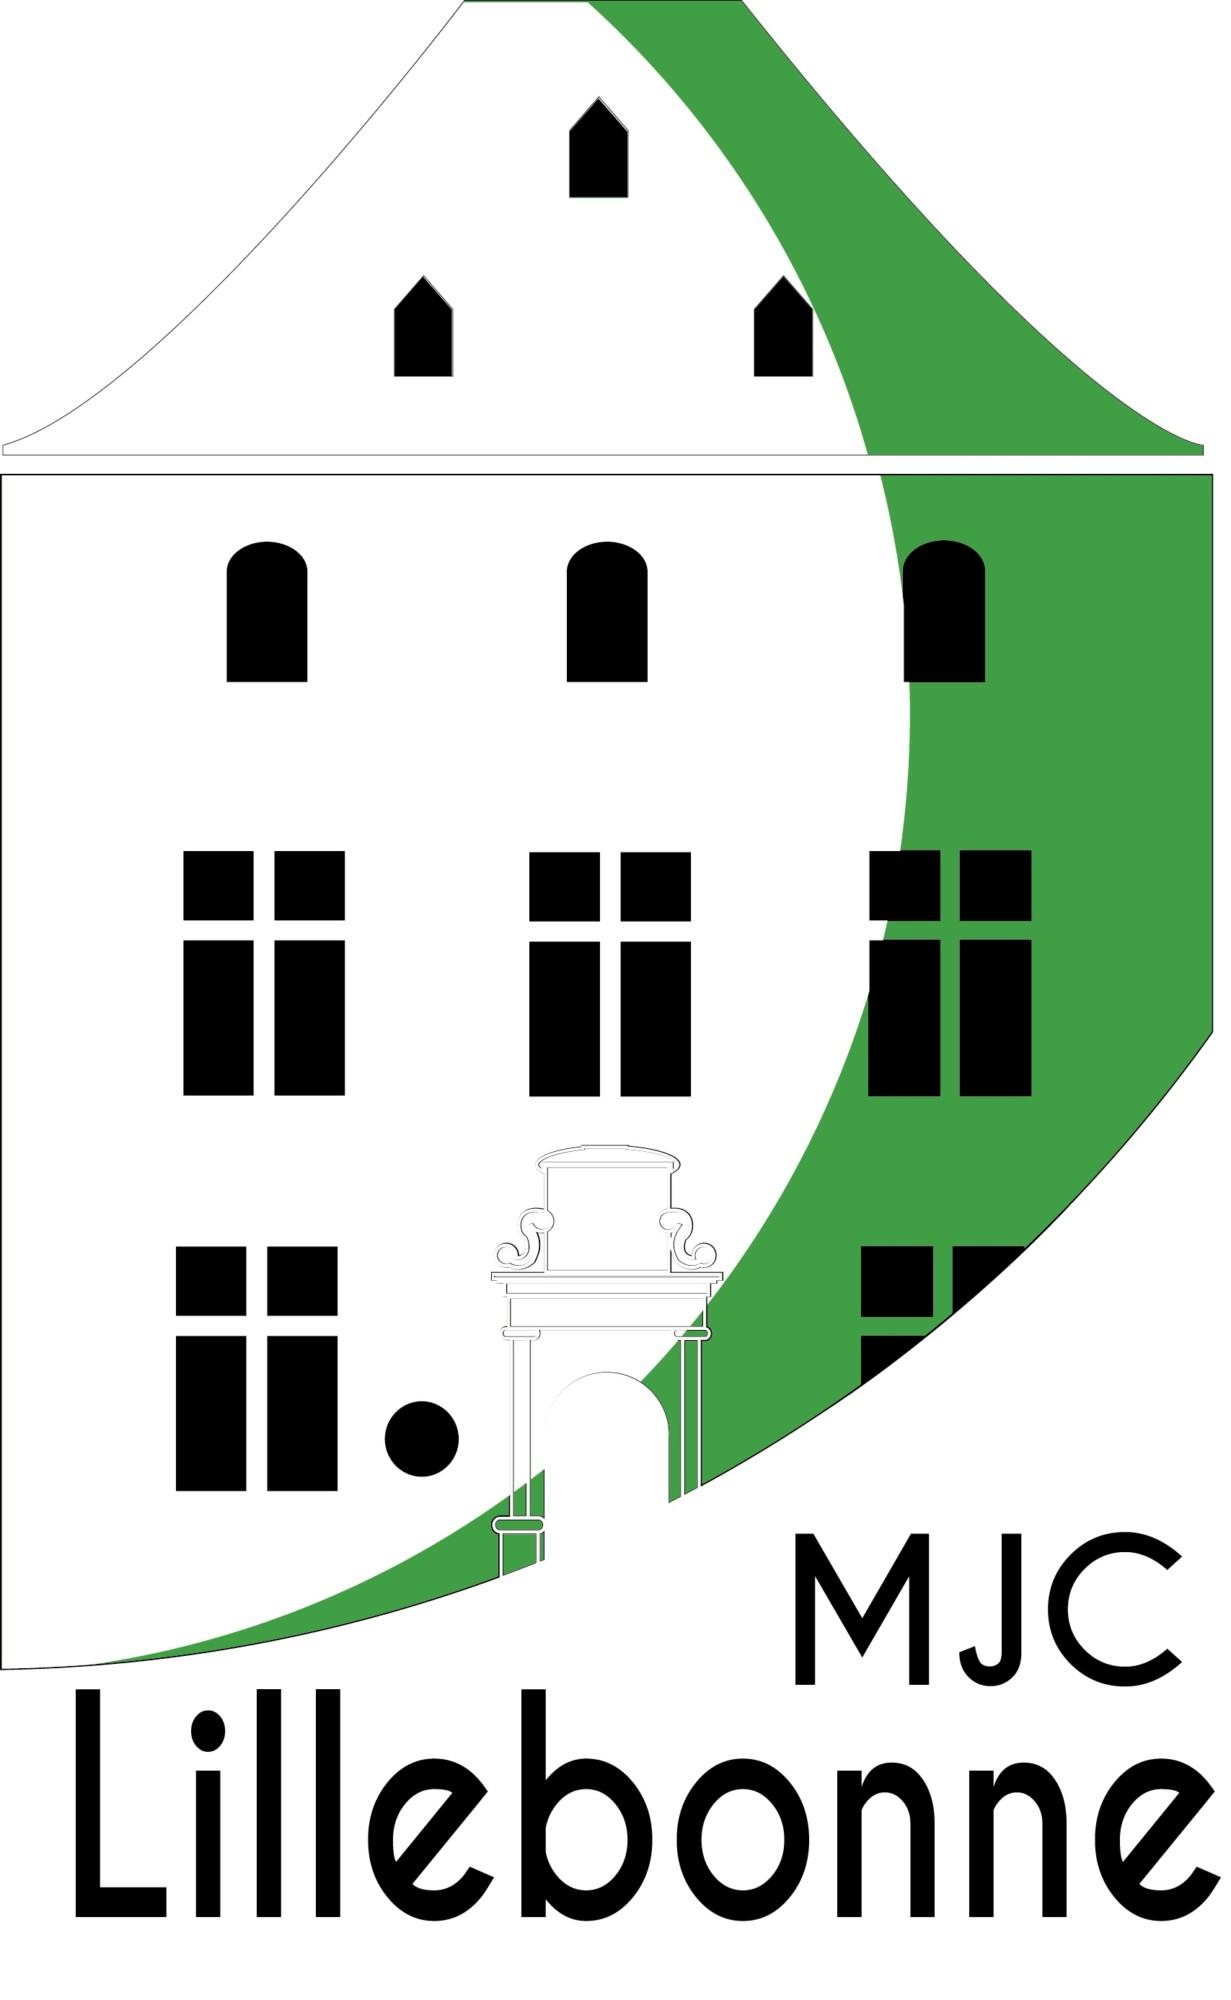 MJC lillebonne